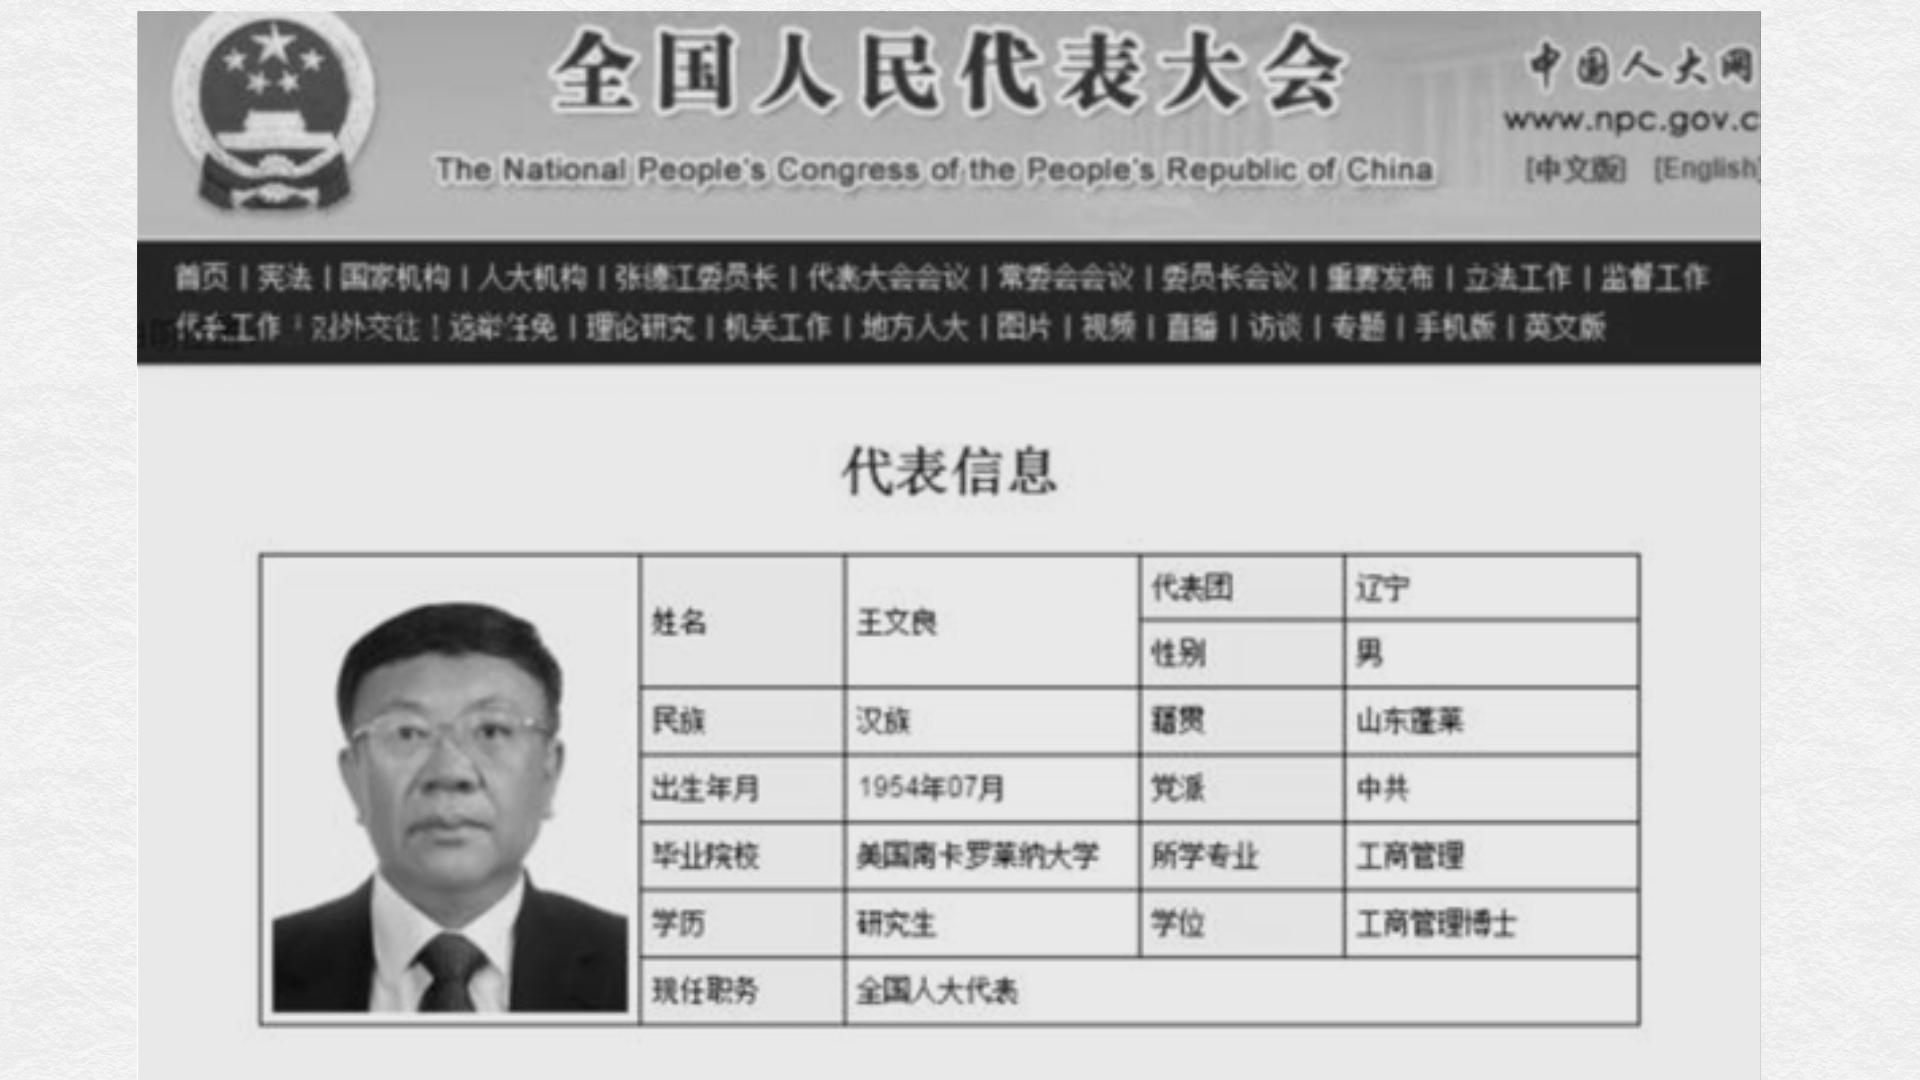 美官员涉非法接收中国人大代表捐款被查